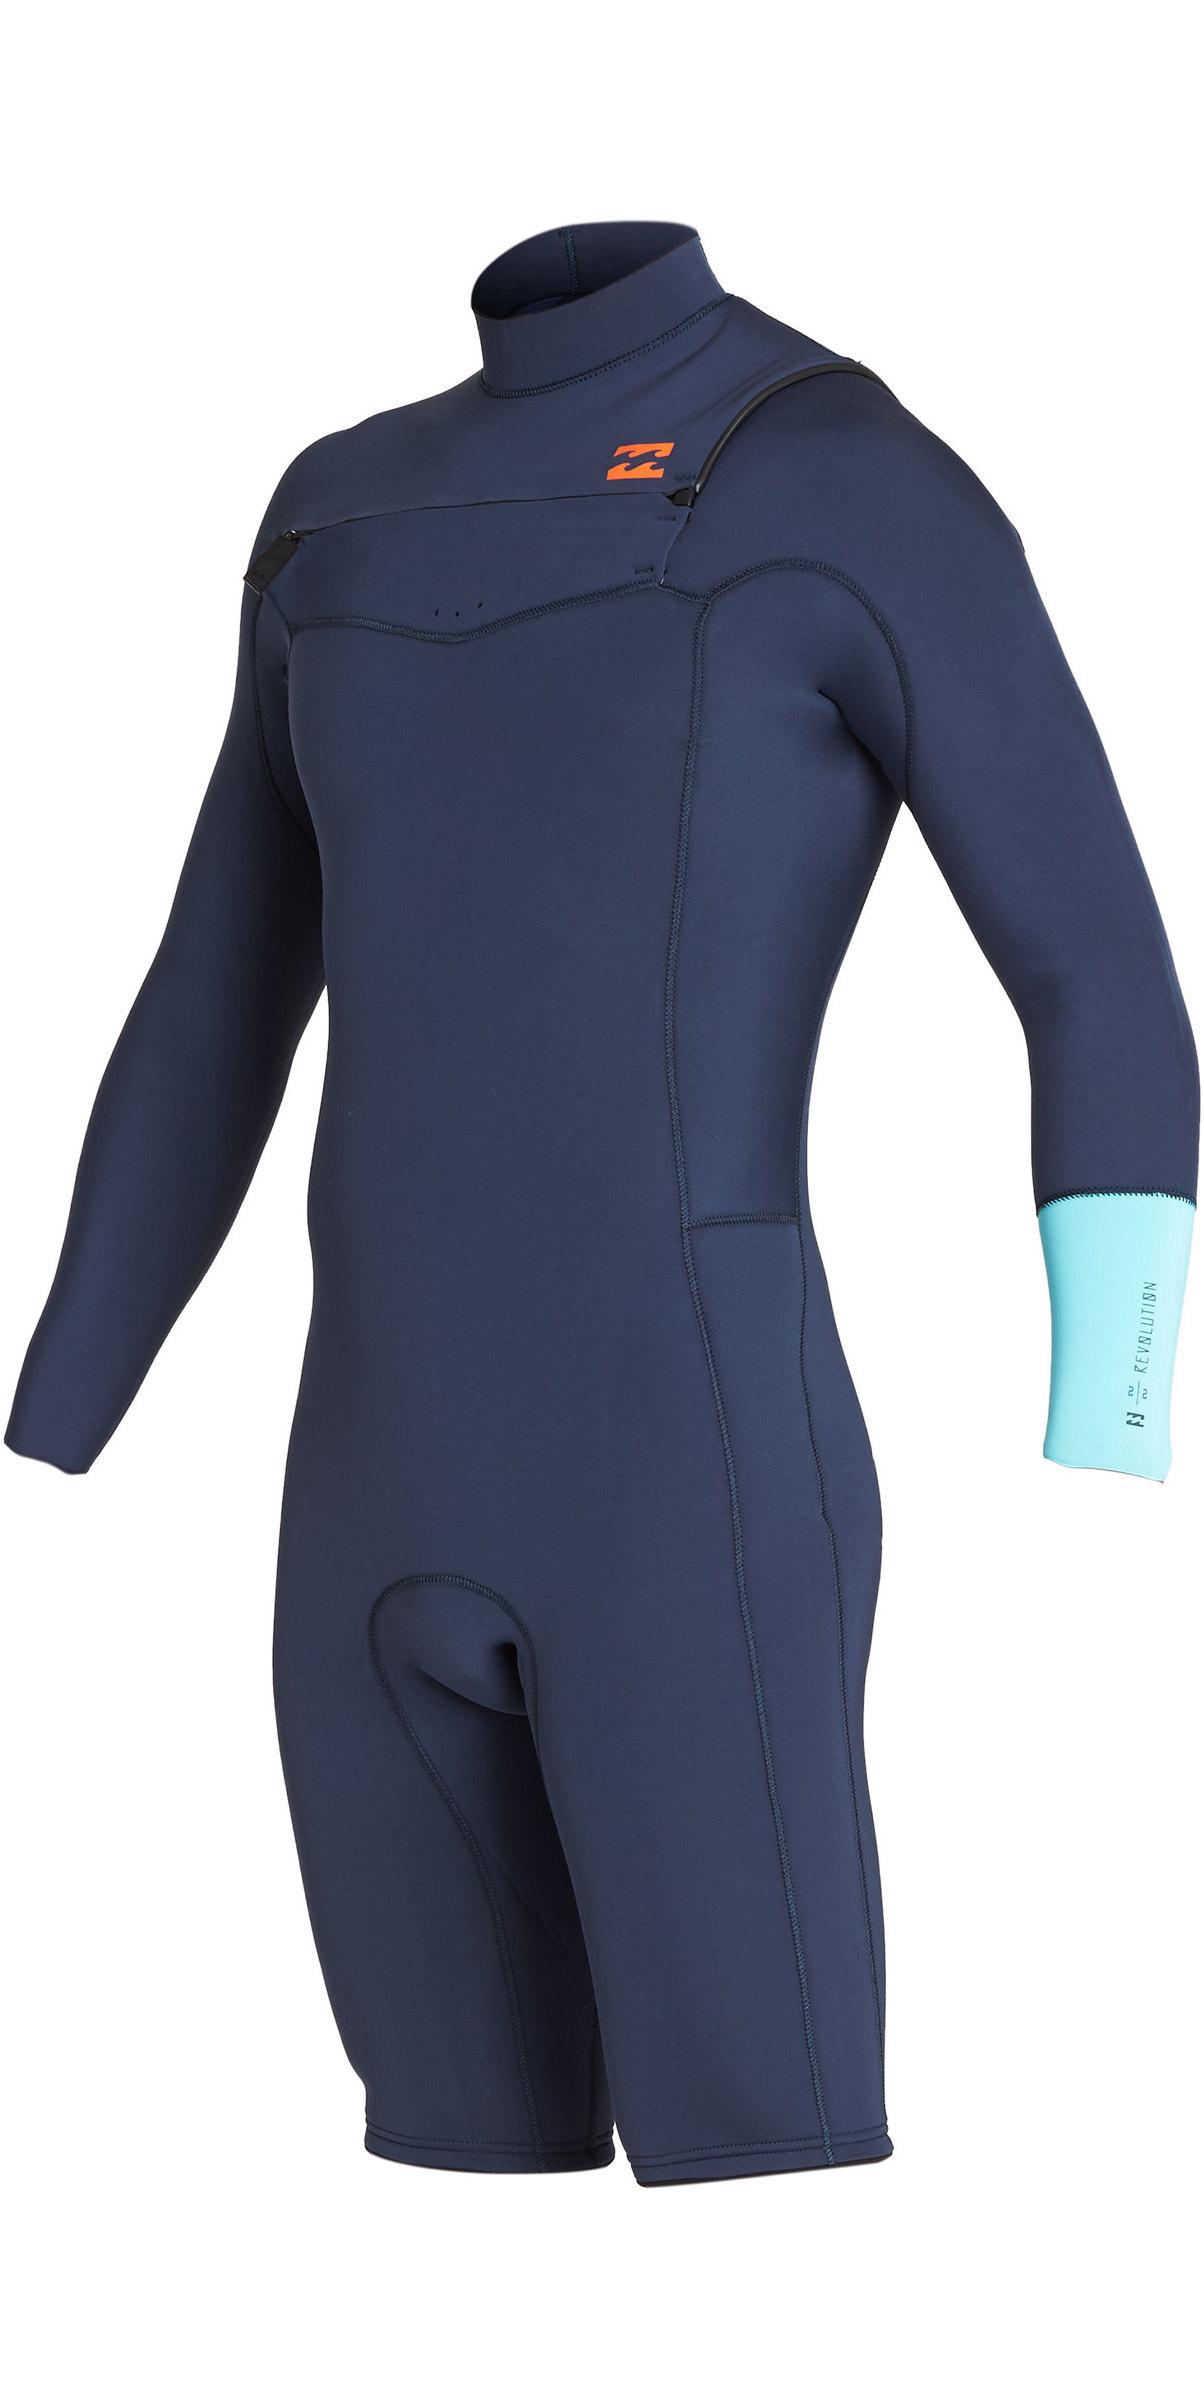 2019 Billabong Mens 2mm Furnace Revolution Long Sleeve Chest Zip Shorty  Wetsuit Cyan N42M09 ... 9cdafc06c1e1